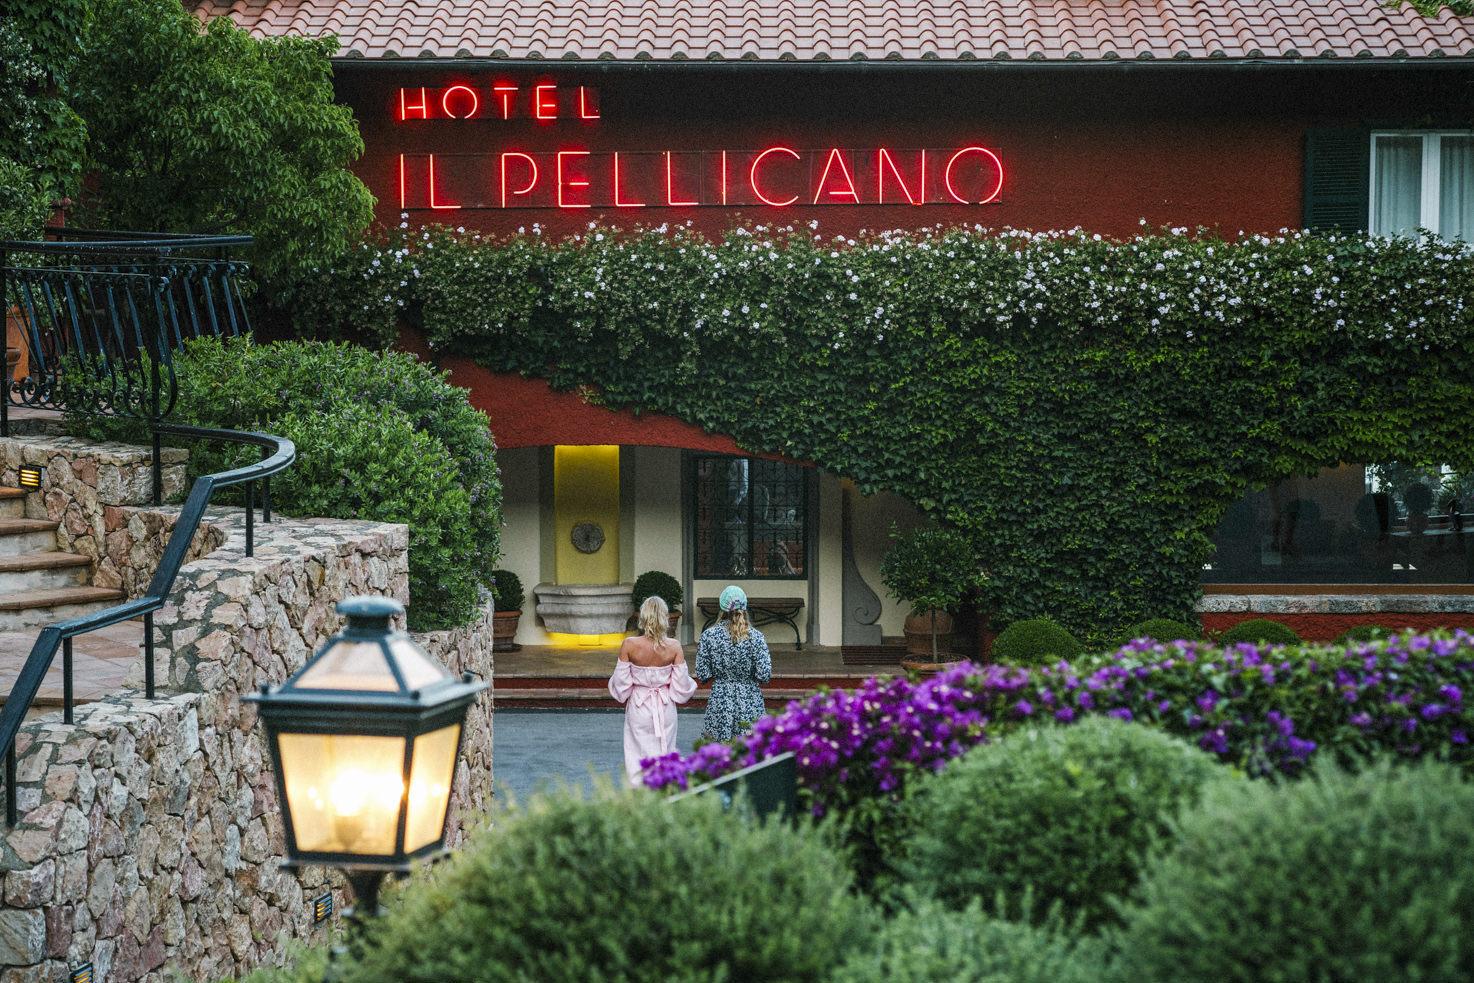 Arrival at Il Pellicano